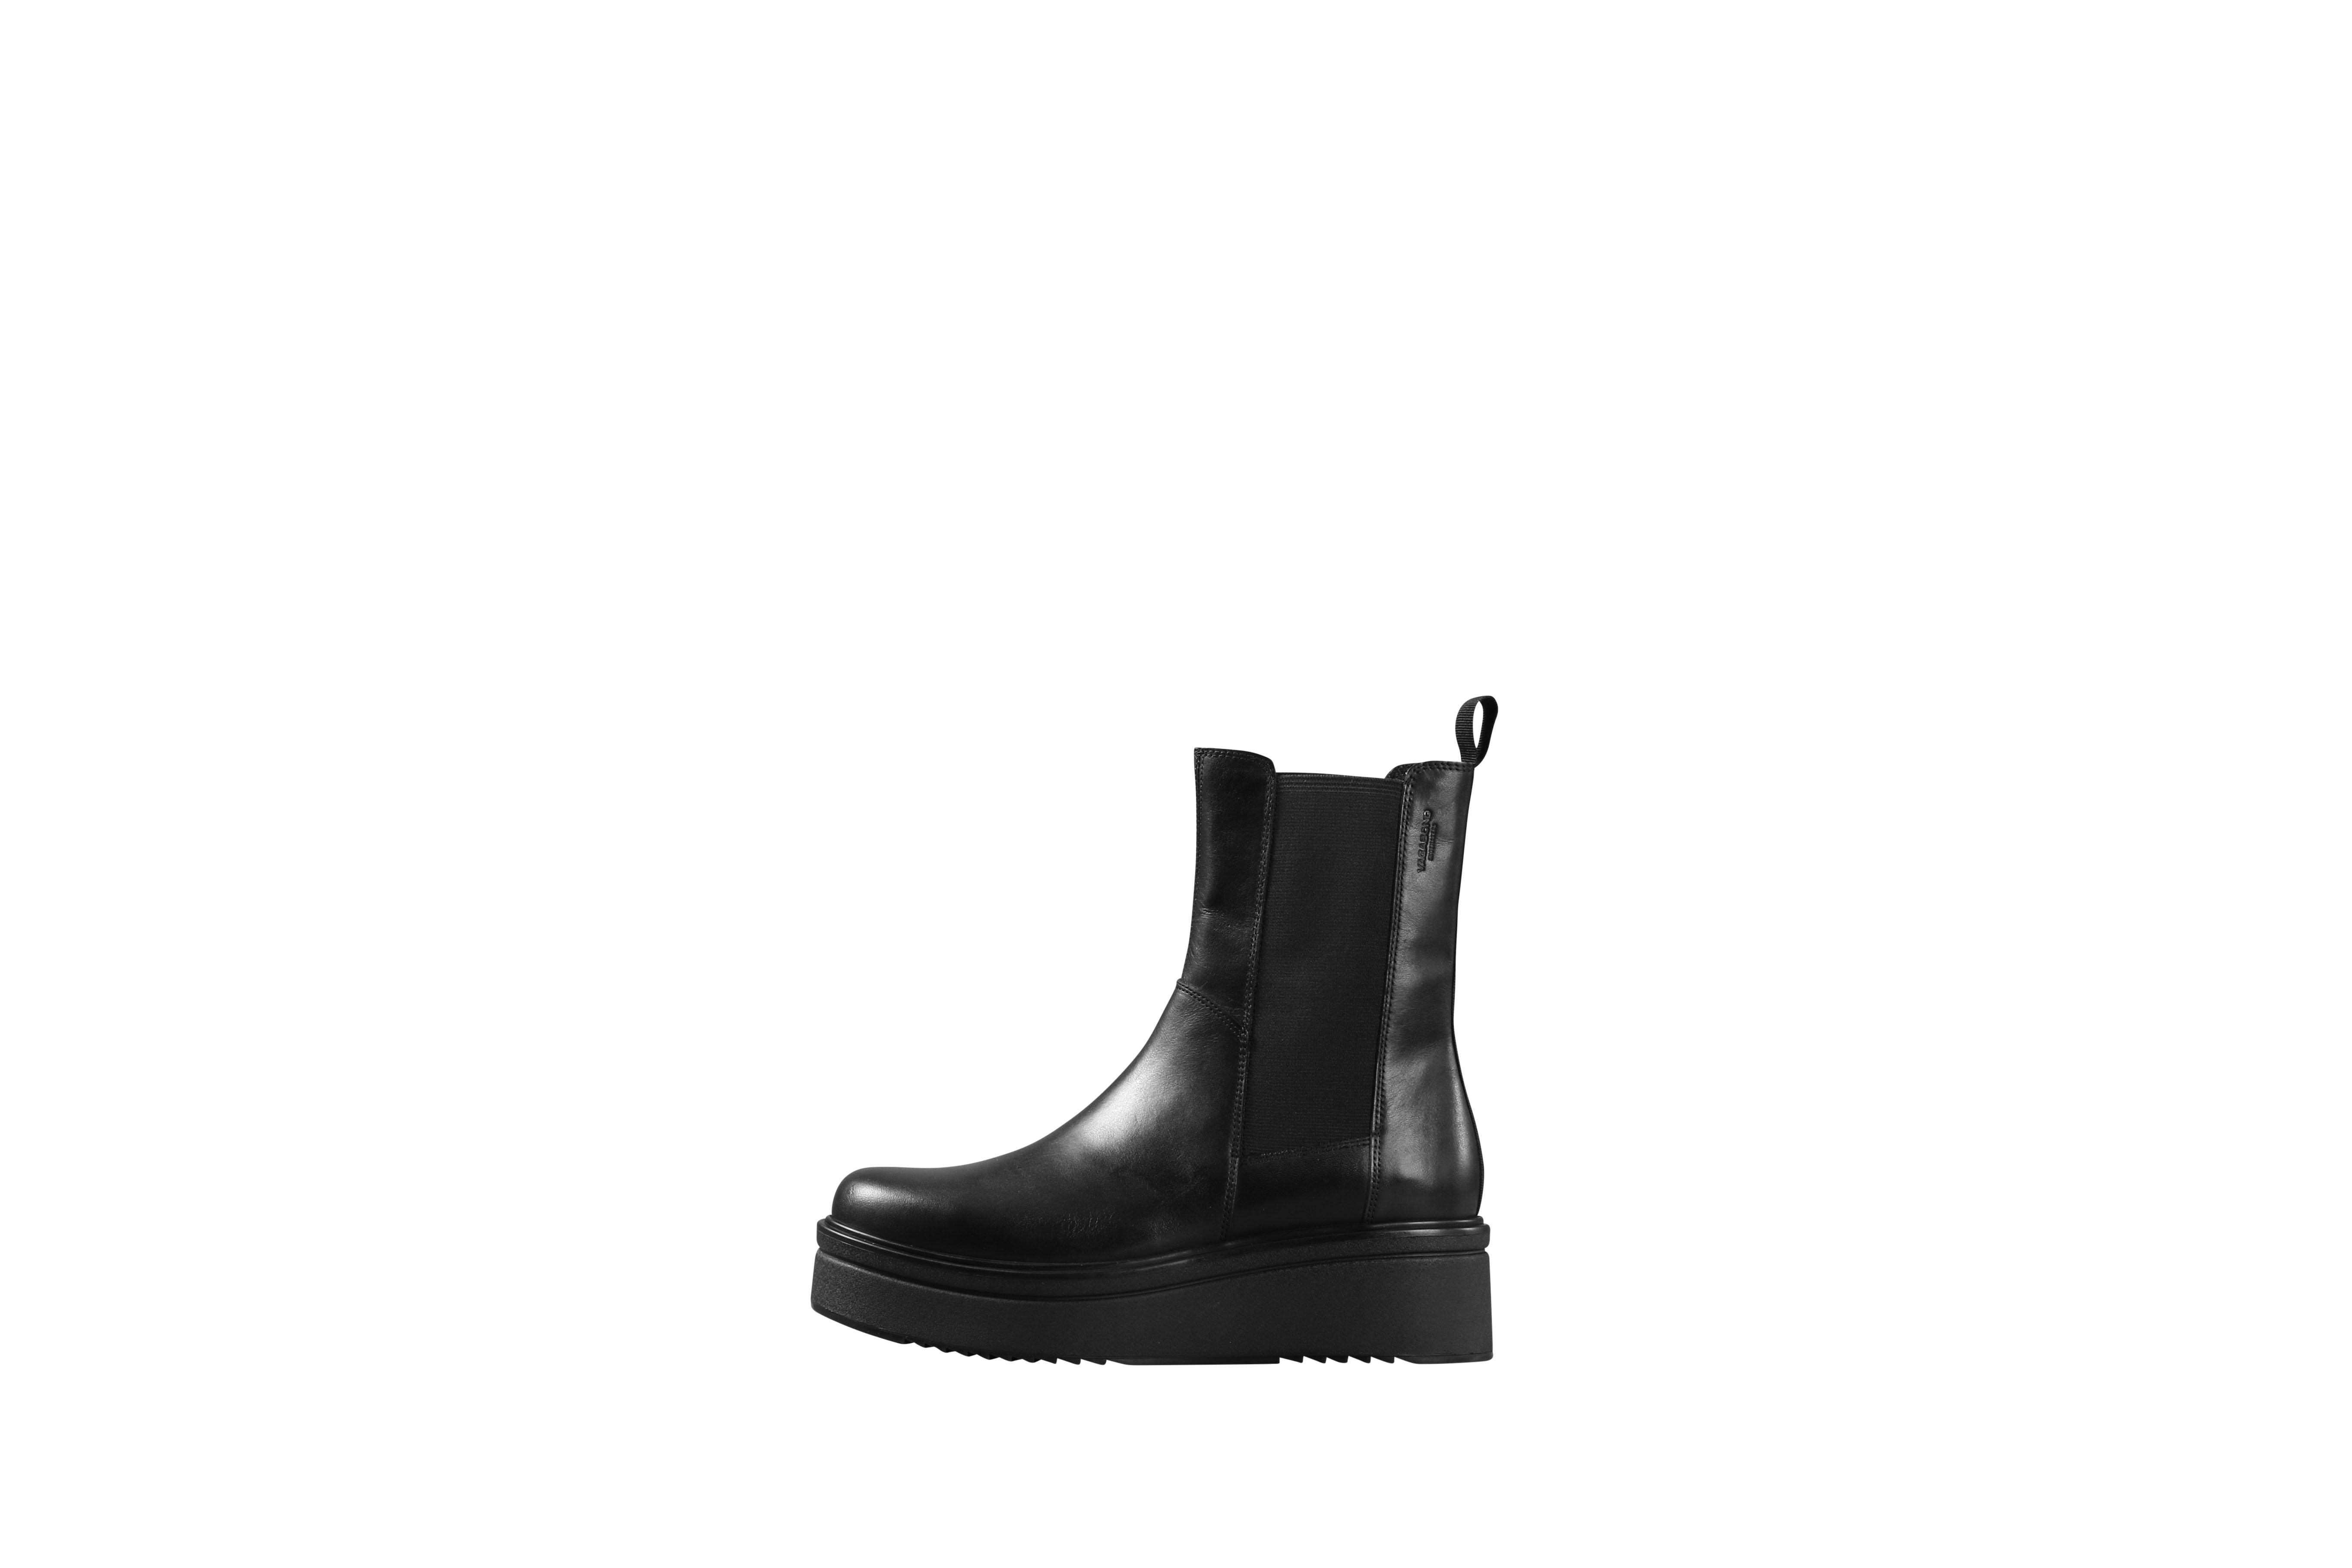 Vagabond Tara støvle, black, 37